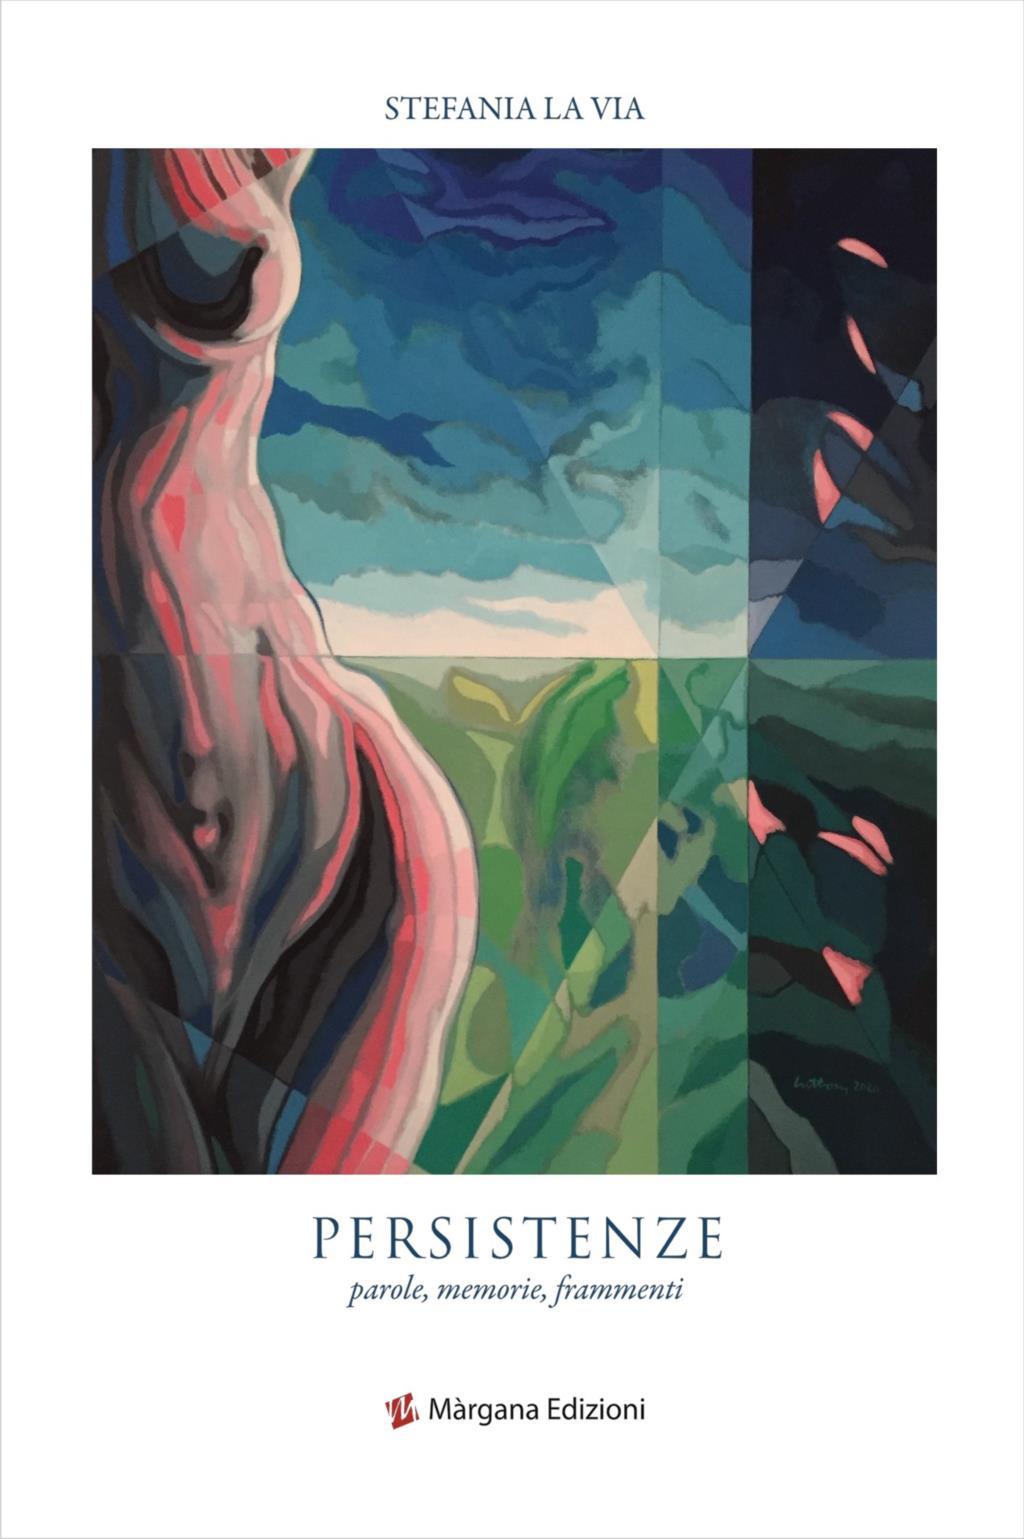 Si intitola 'Persistenze' la nuova raccolta di poesie di Stefania La Via